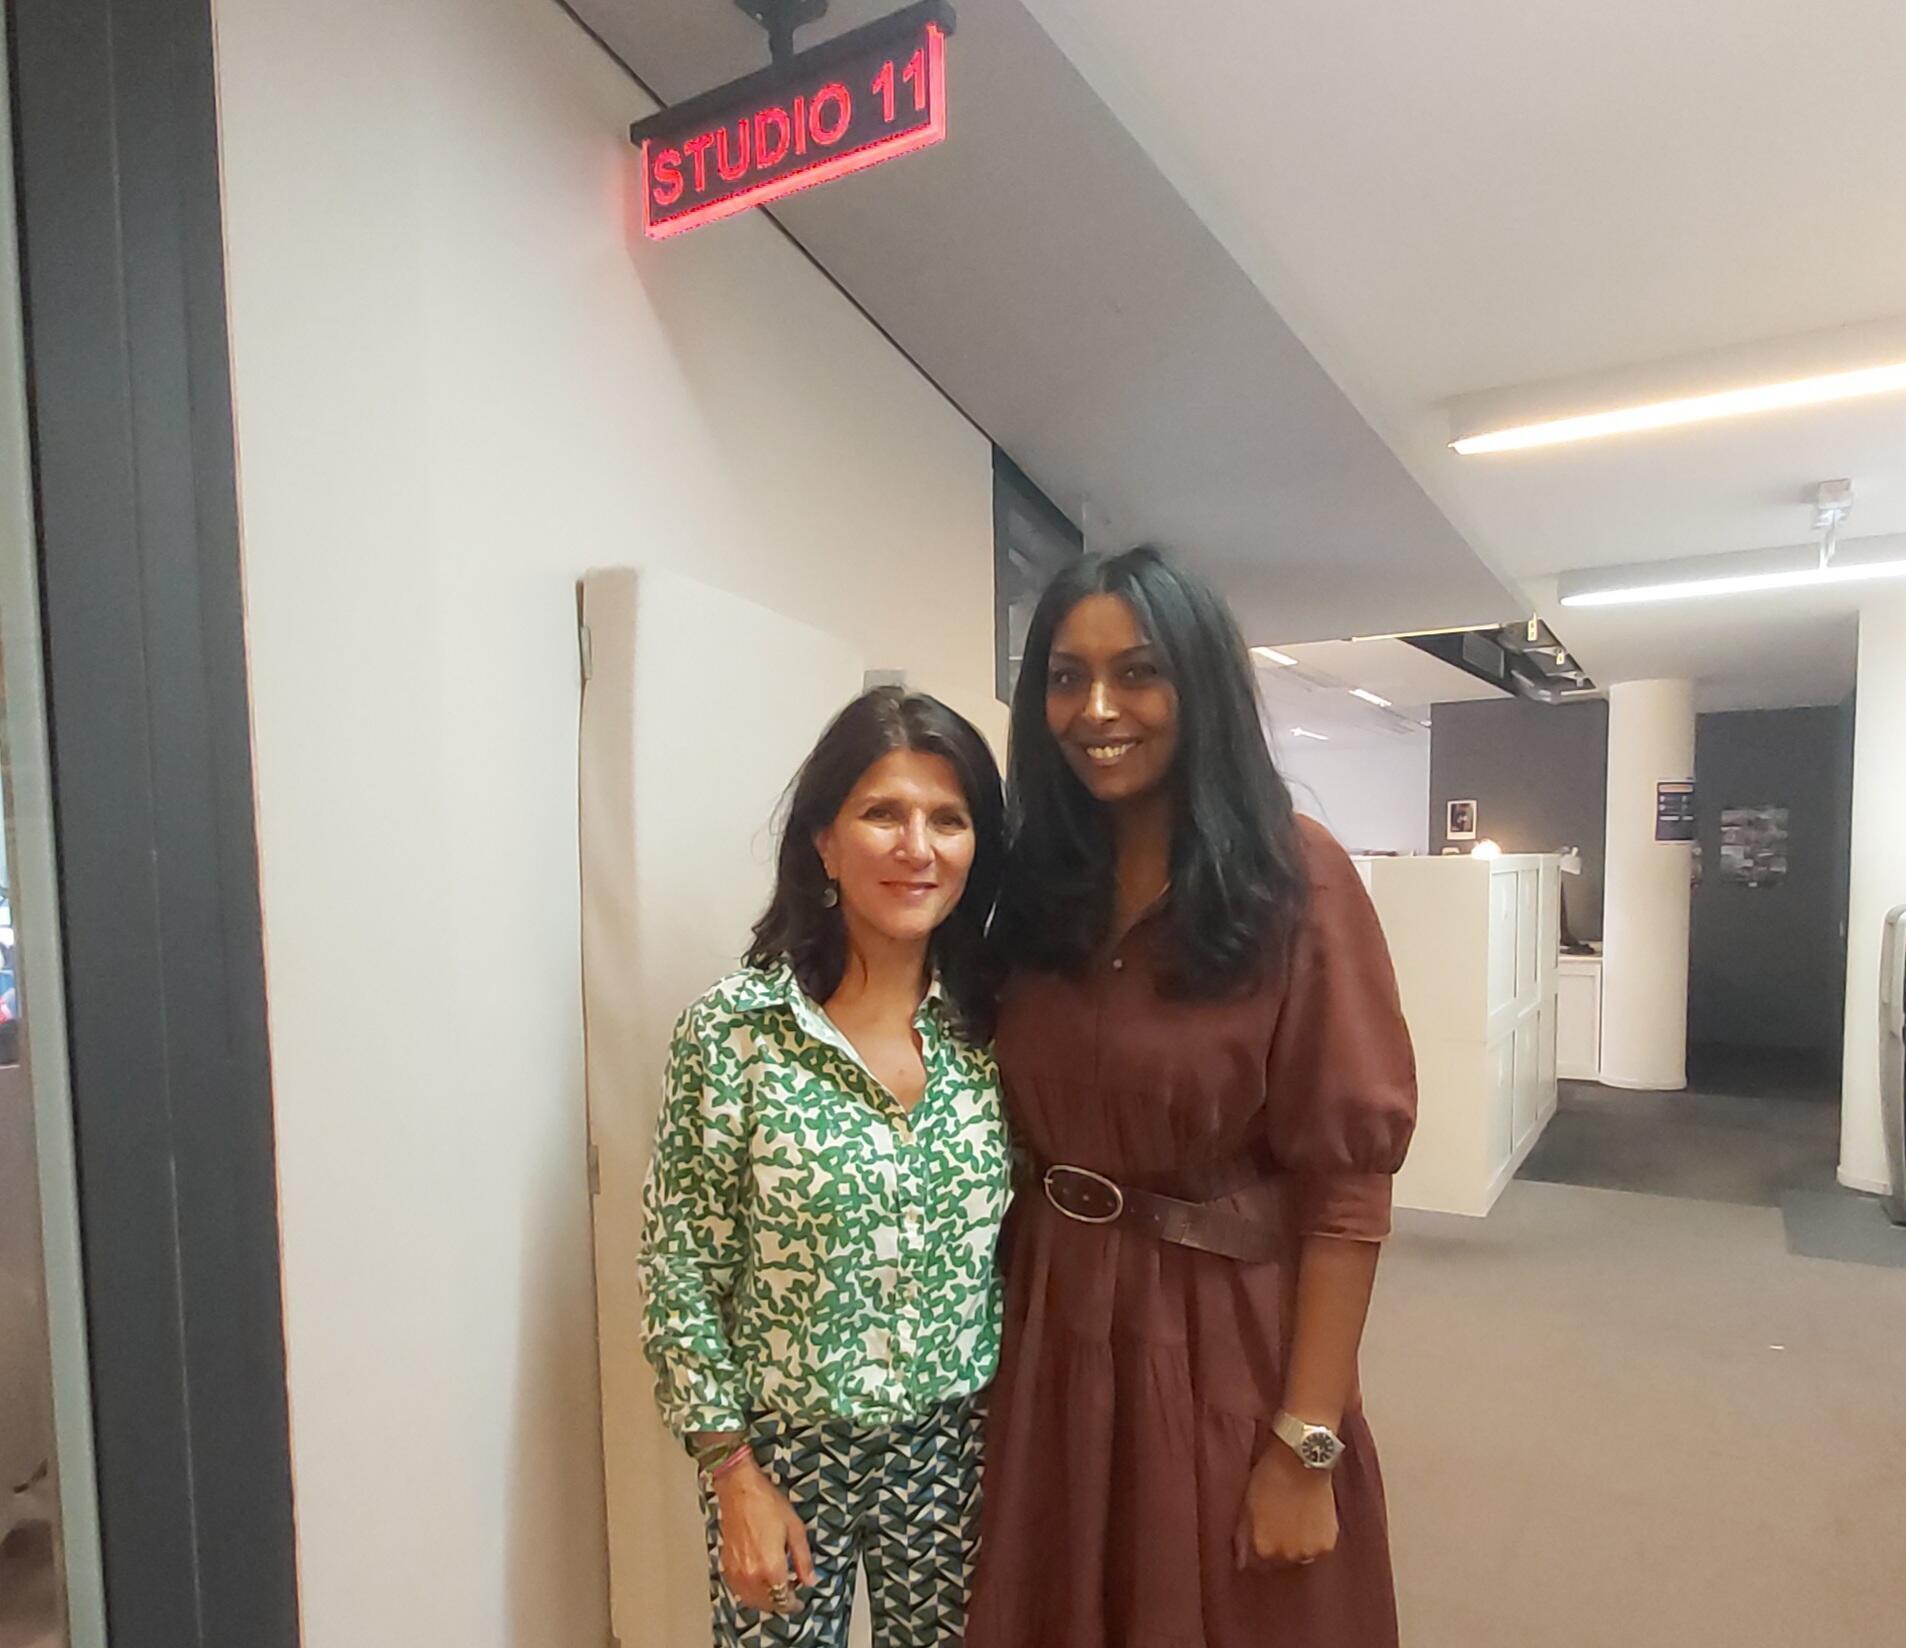 Zeina Toutounji and Samira Ibrahim